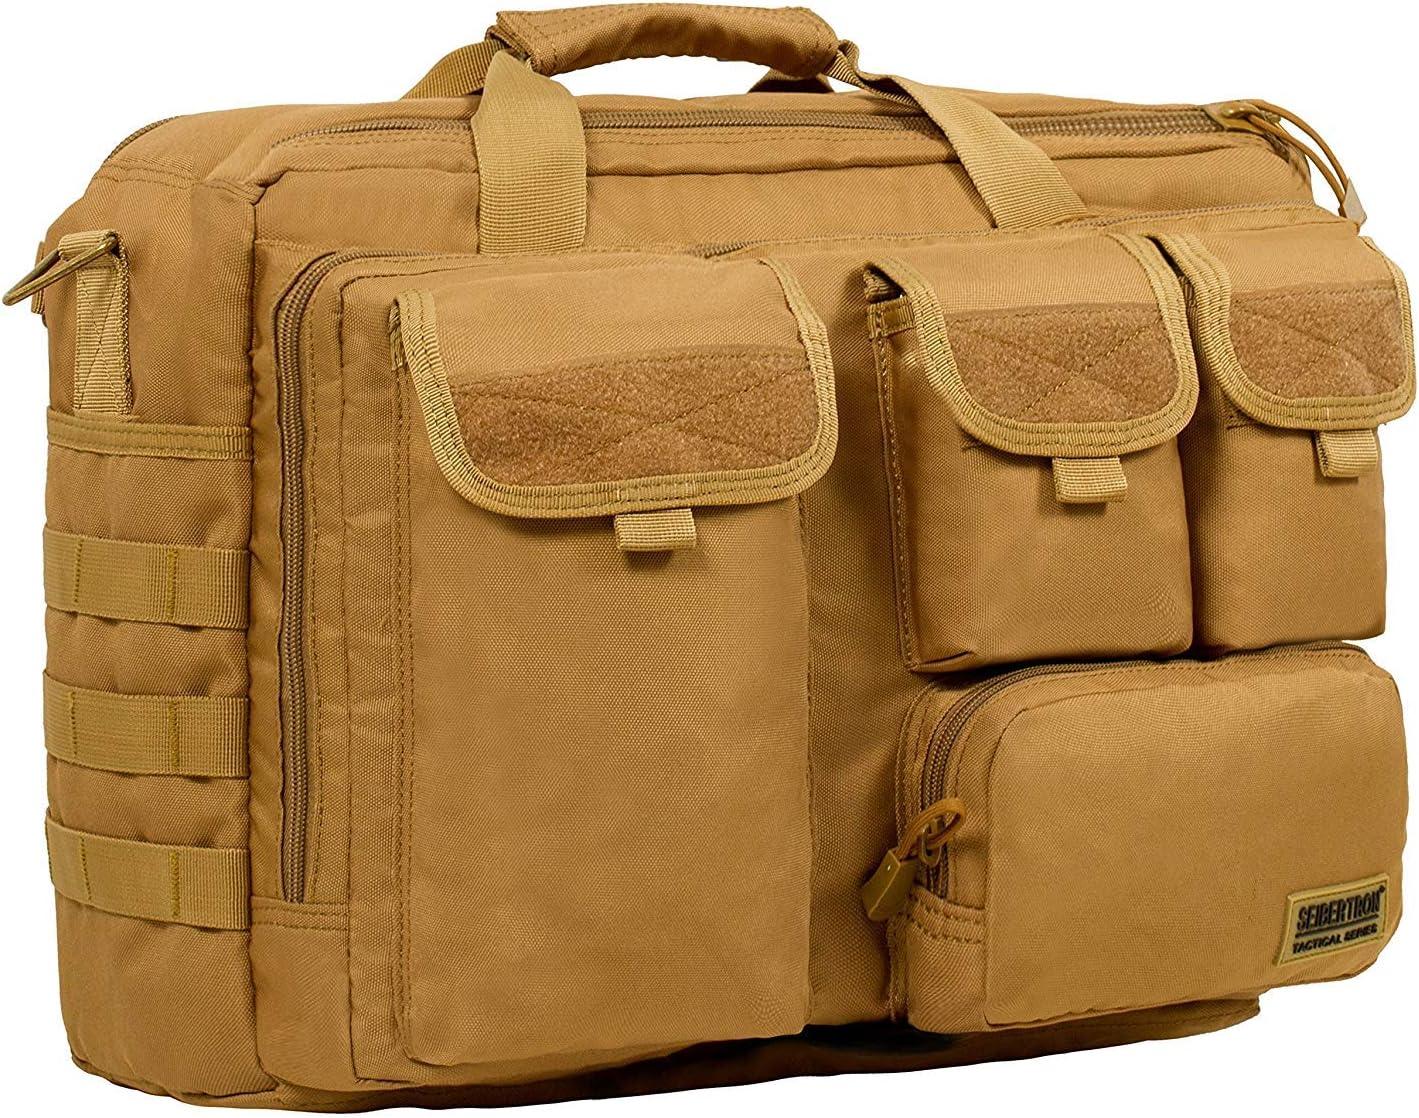 Seibertron Pro-Multifunction Shoulder Messenger Bag Fit for 17.3 Laptop Black